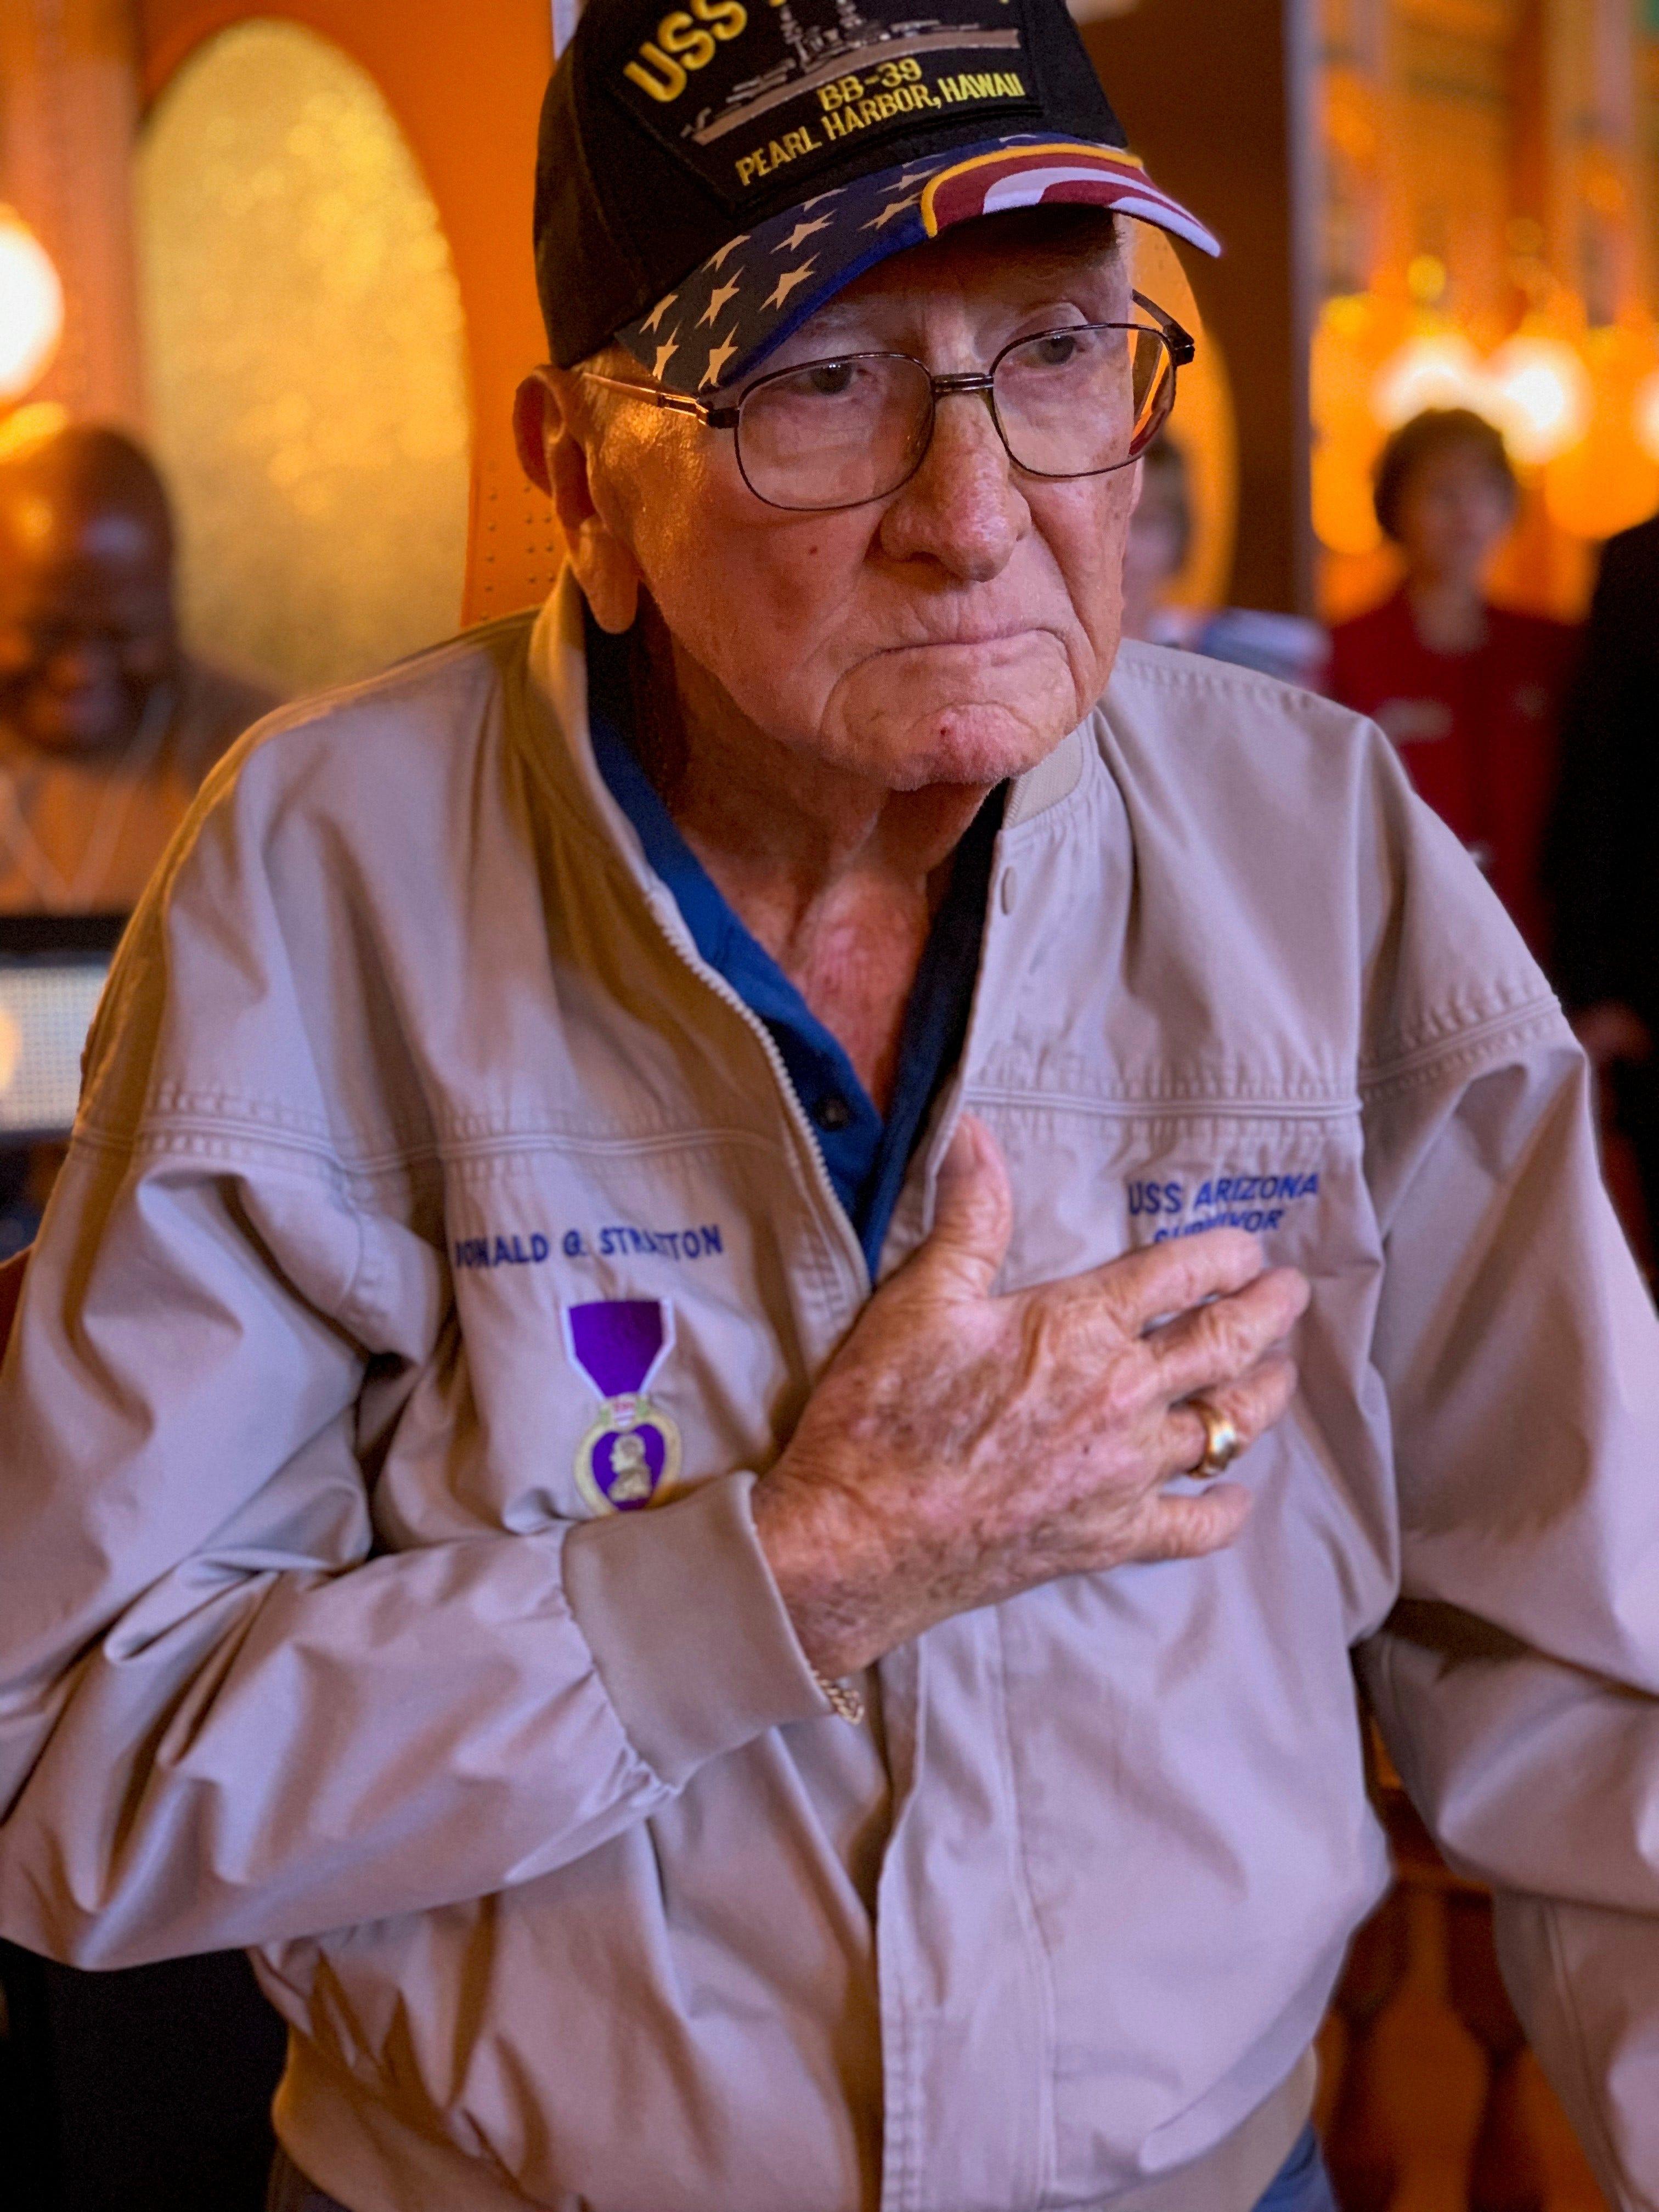 Donald Stratton, Pearl-Harbor-überlebenden, die kämpfte für die Anerkennung der held Seemann, verstorben im 97